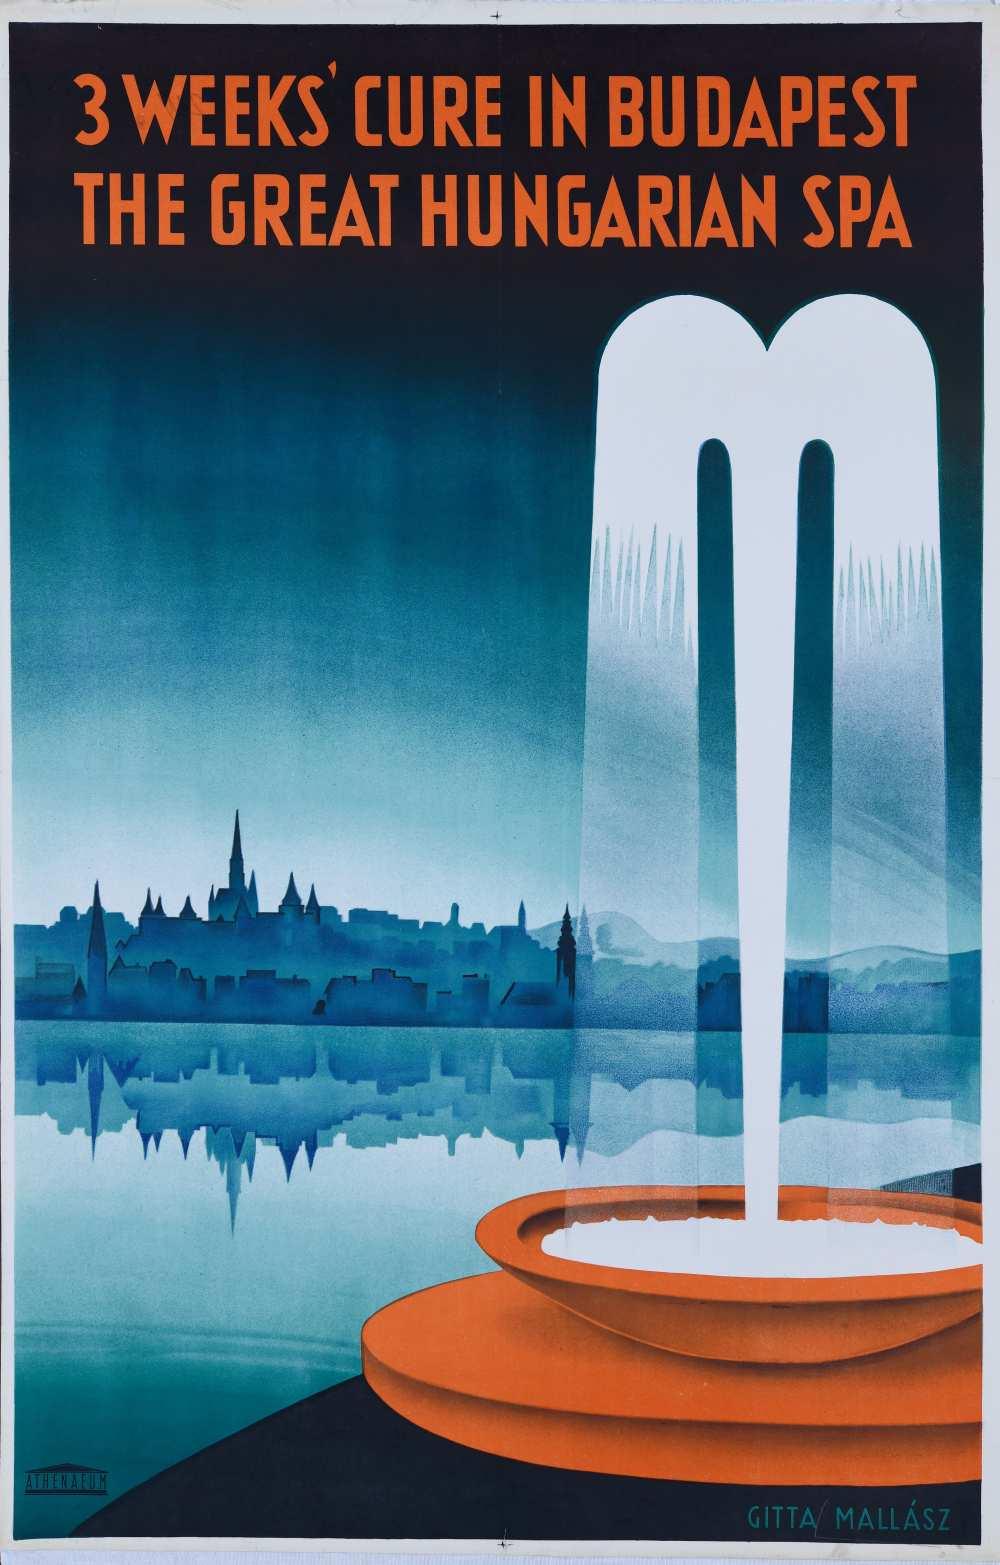 Mallász Gitta: 3 weeks' cure in Budapest the great Hungarian spa (1934). Jelzet: PKG.1934/211 – Térkép-, Plakát- és Kisnyomtatványtár http://nektar.oszk.hu/hu/manifestation/2799197